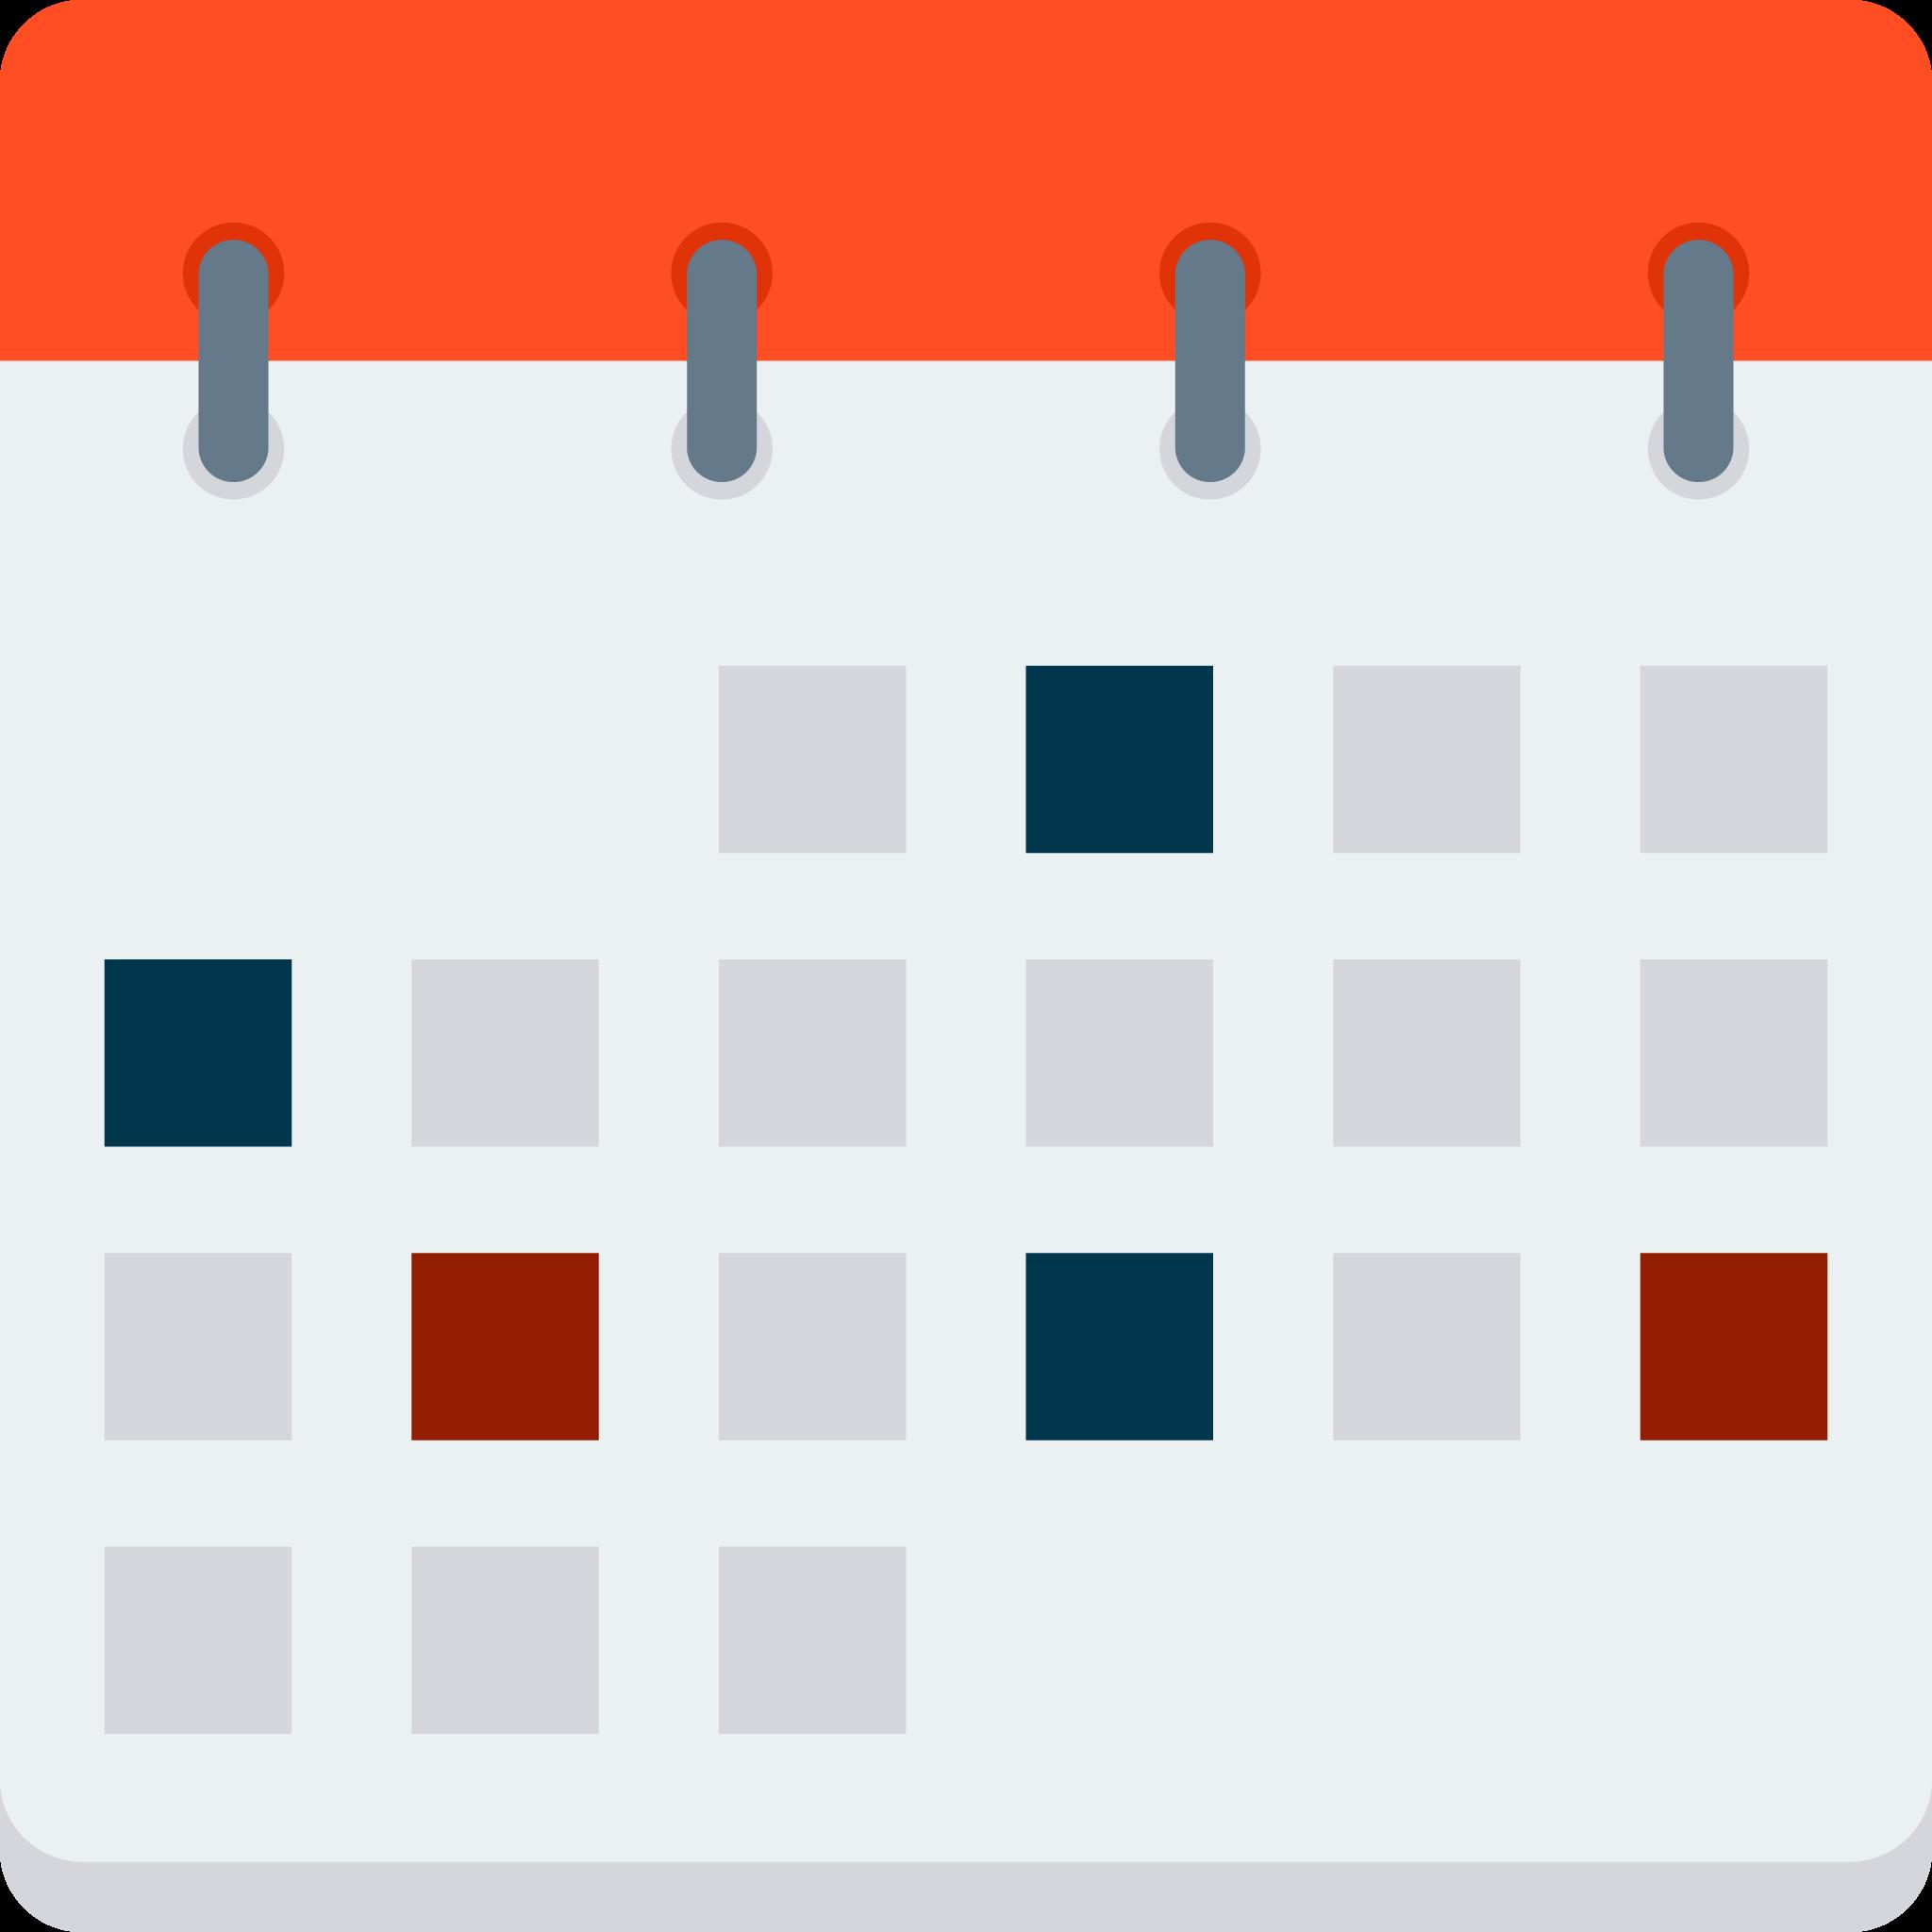 Vector graphic of a calendar.